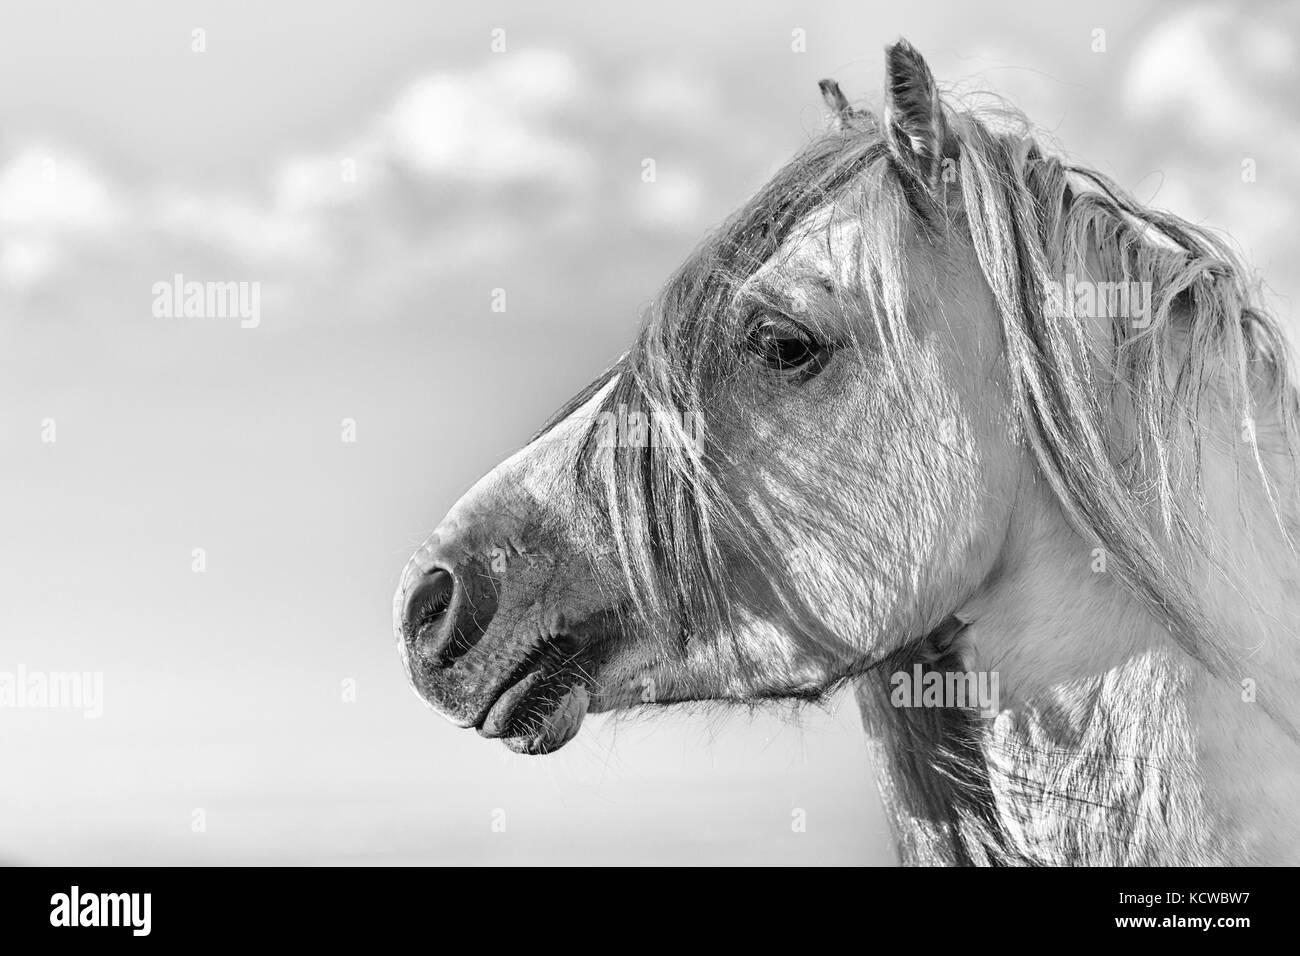 White Stallion Portrait Black and White - Stock Image